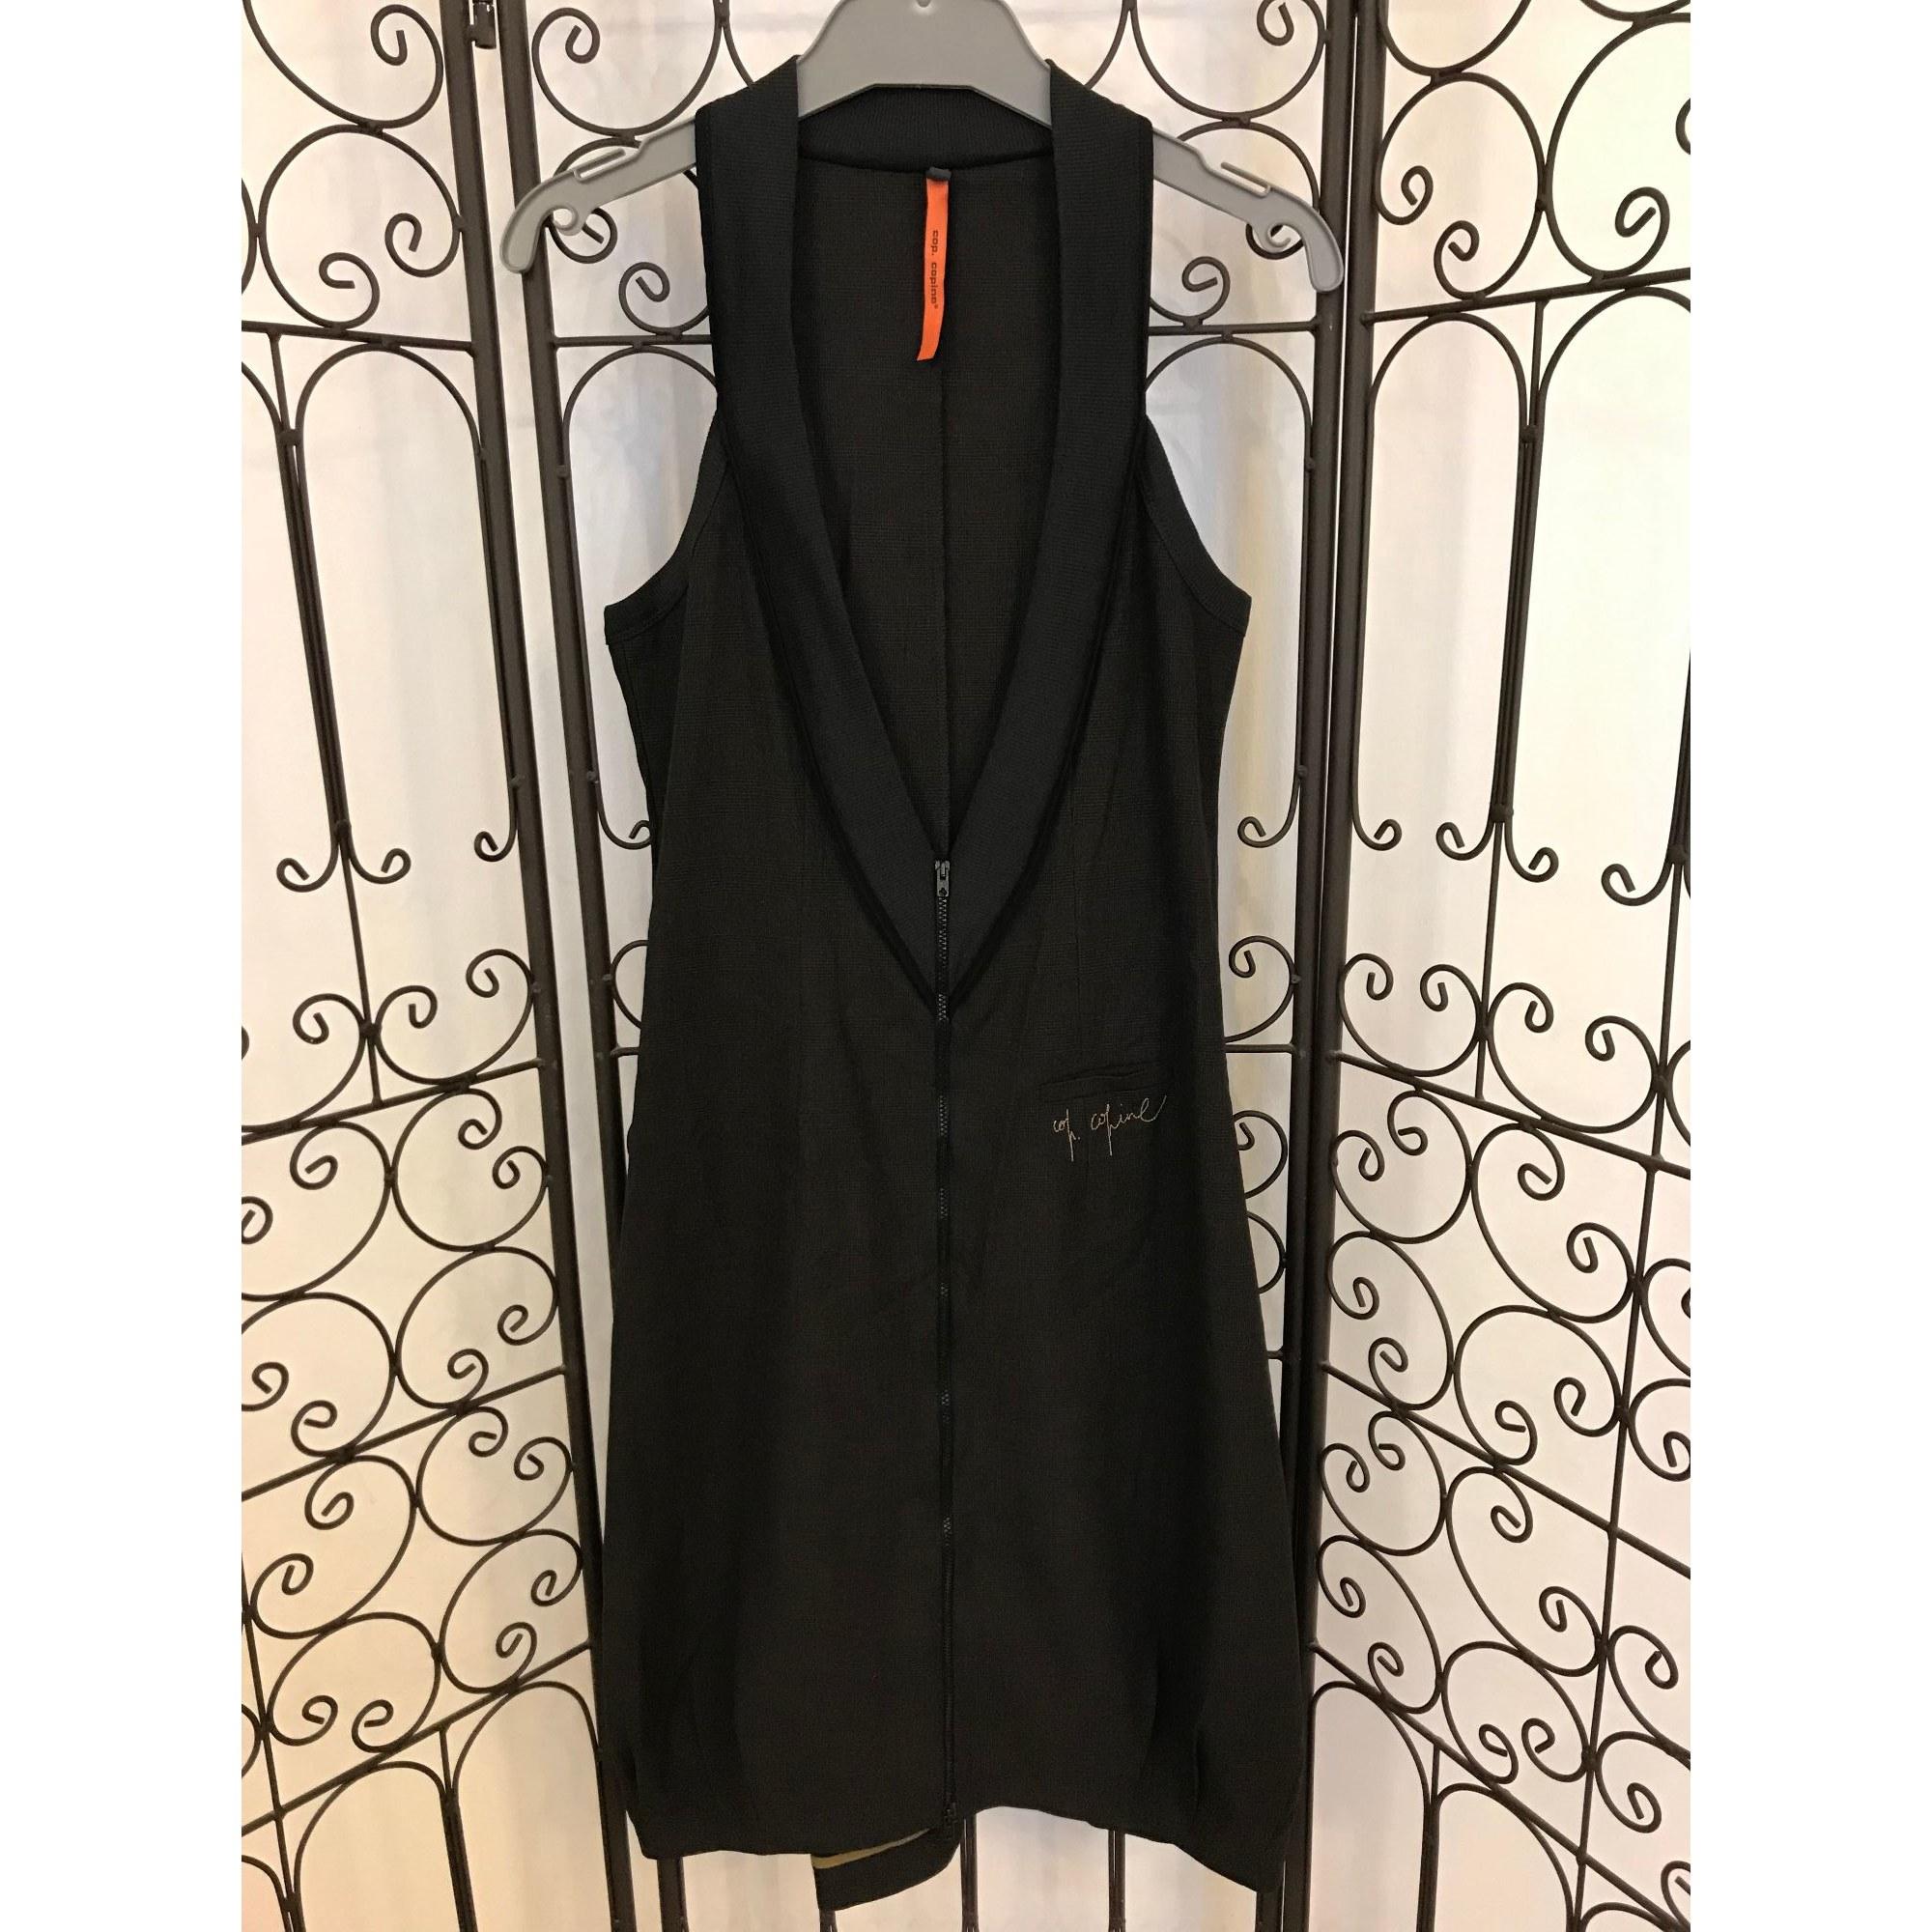 Robe tunique COP-COPINE Gris, anthracite